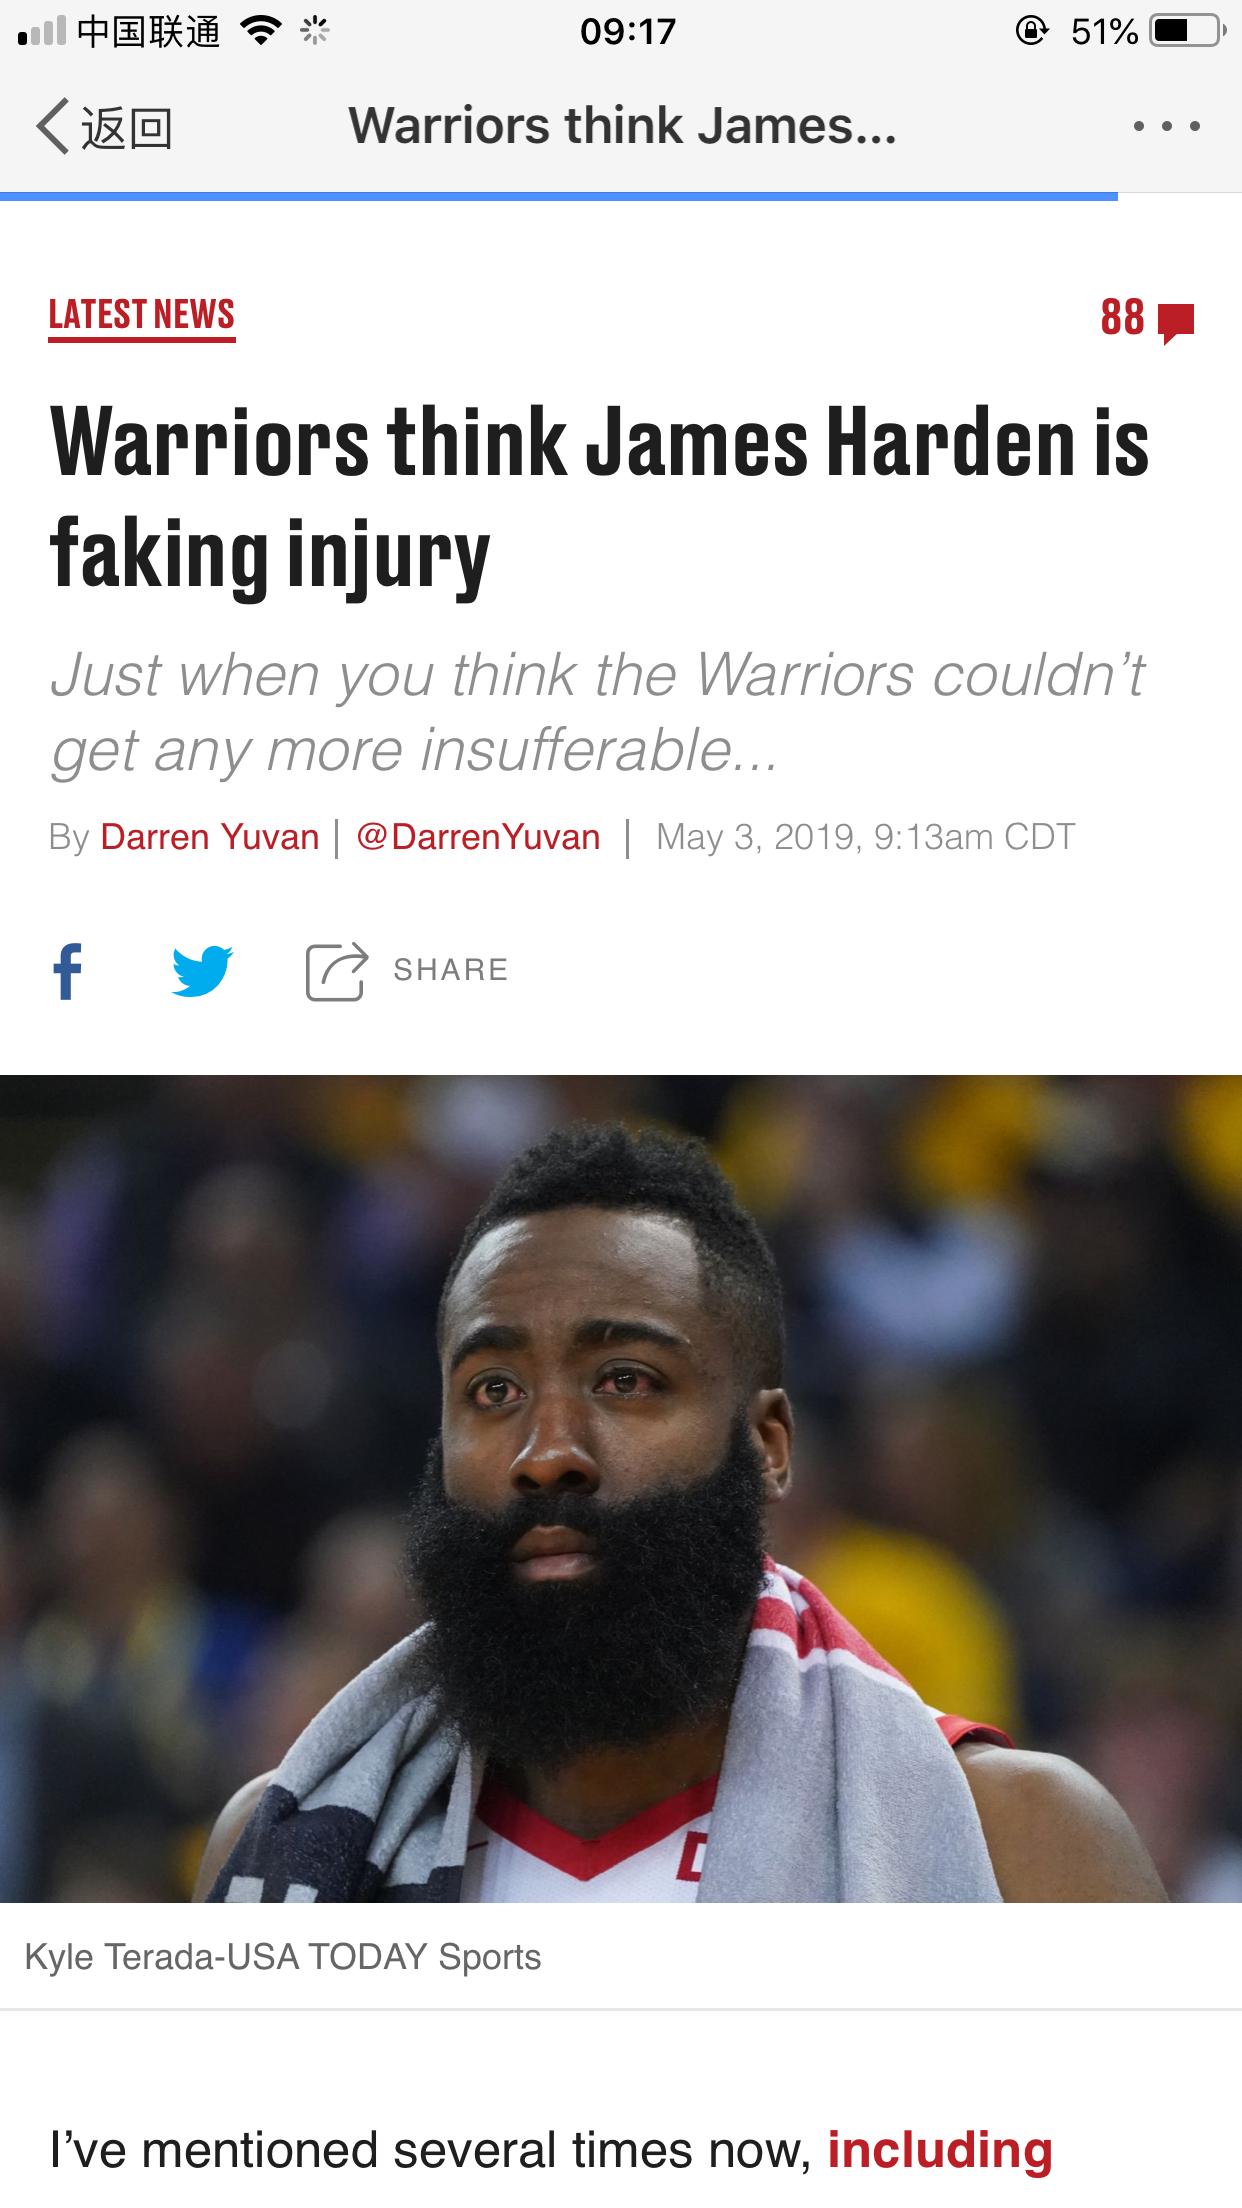 据美国雅虎体育记者克里斯-海恩斯透露